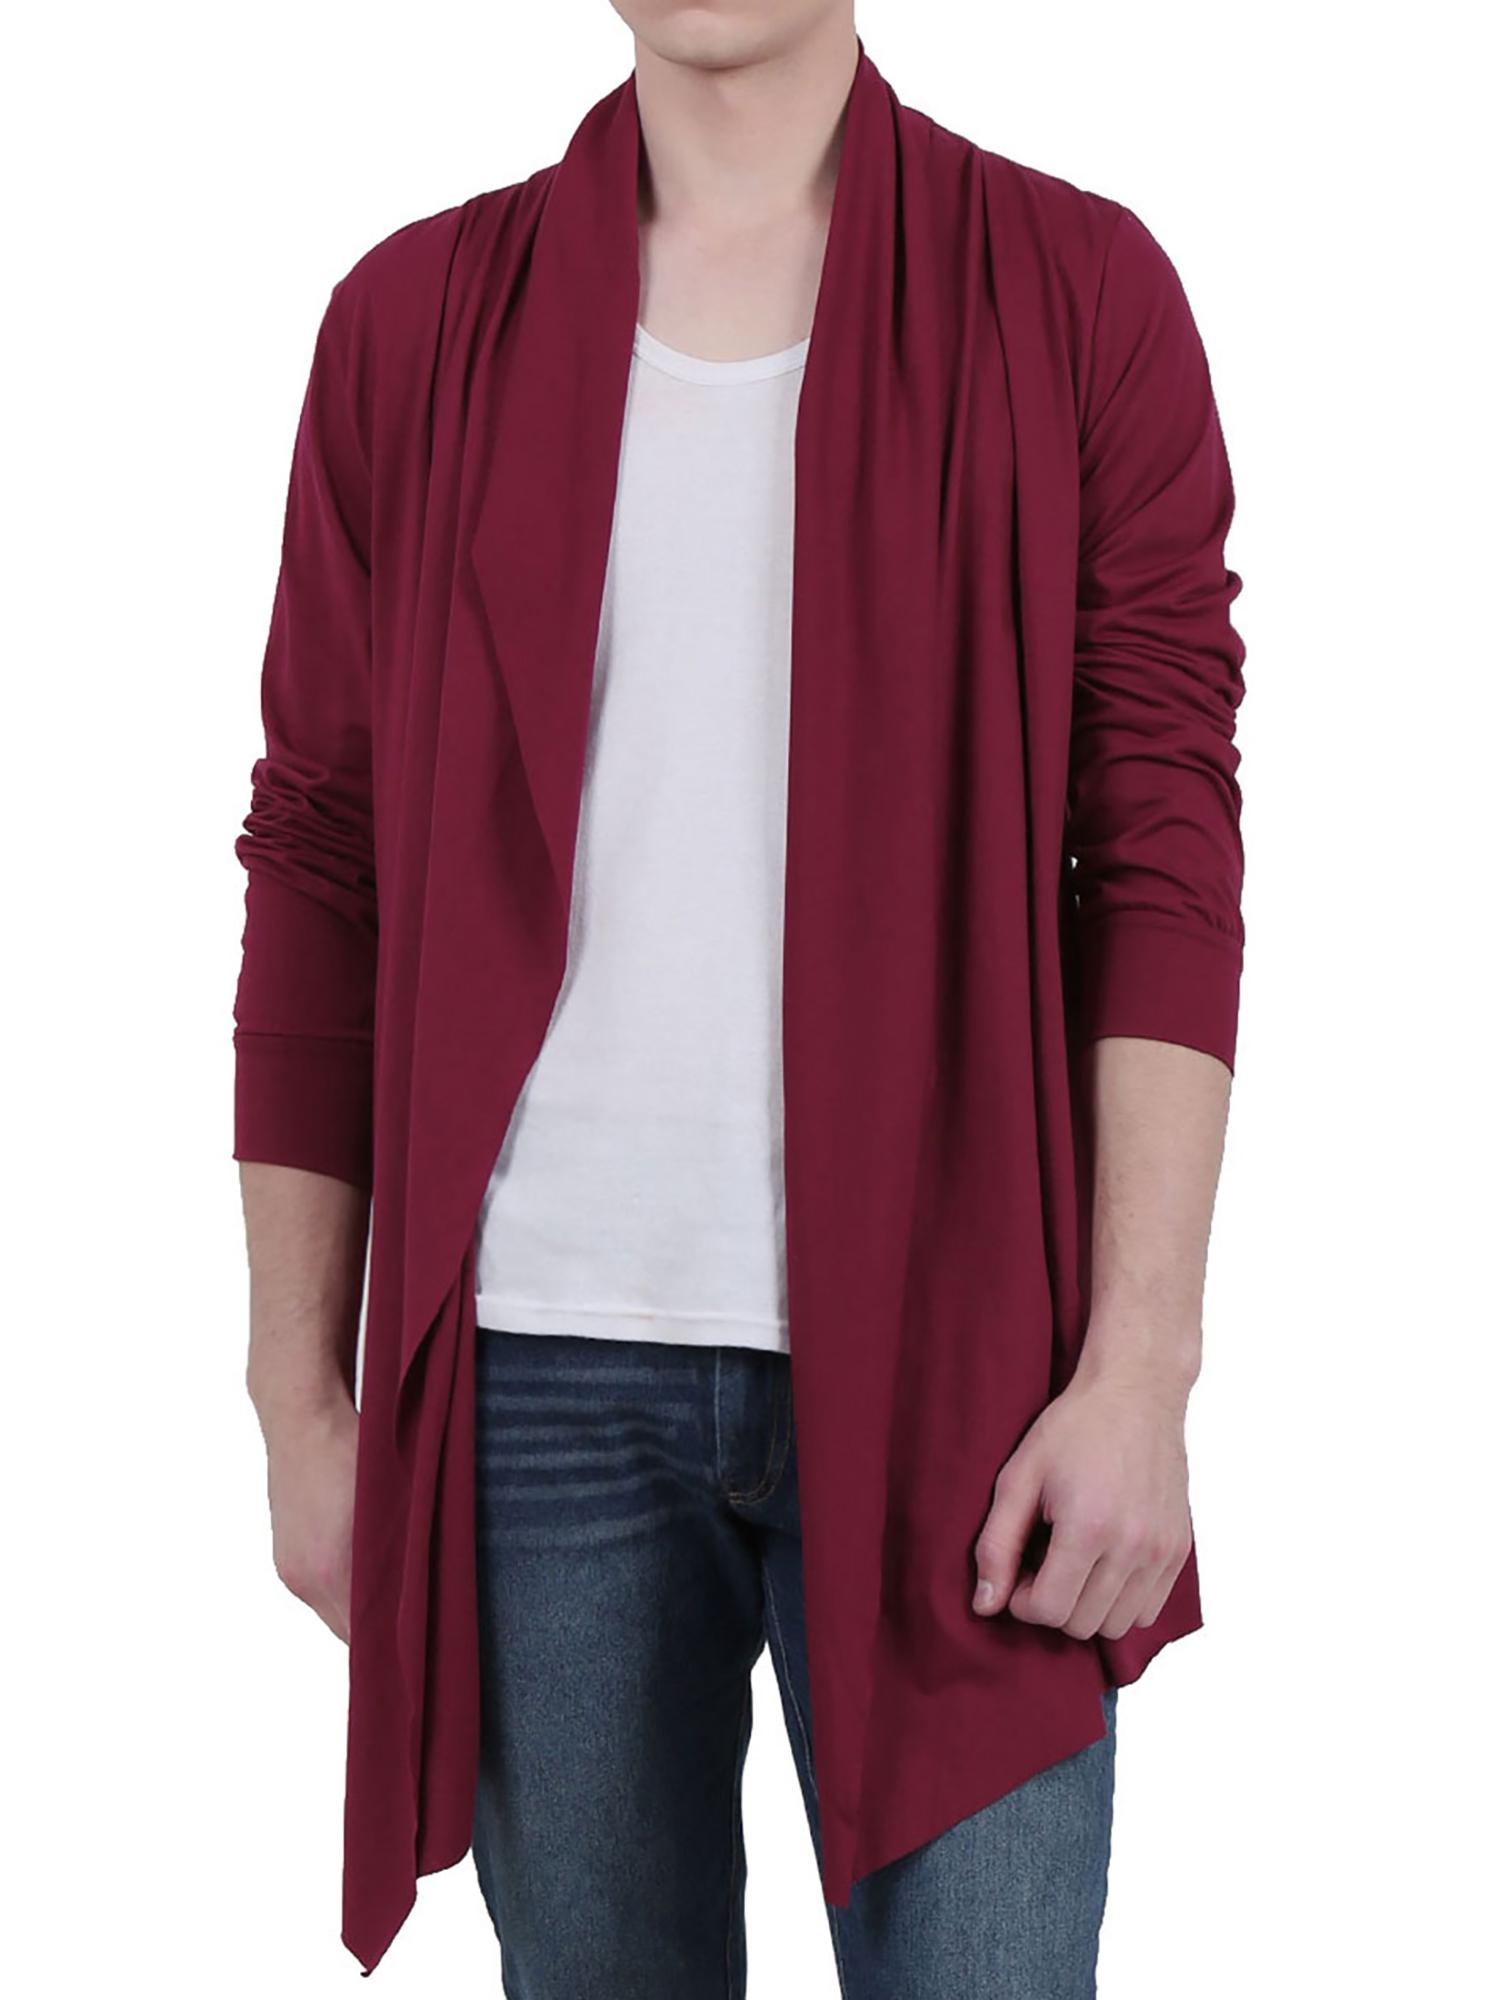 Unique Bargains Men's High-Low Hem Shawl Collar Open Front Long Cardigan